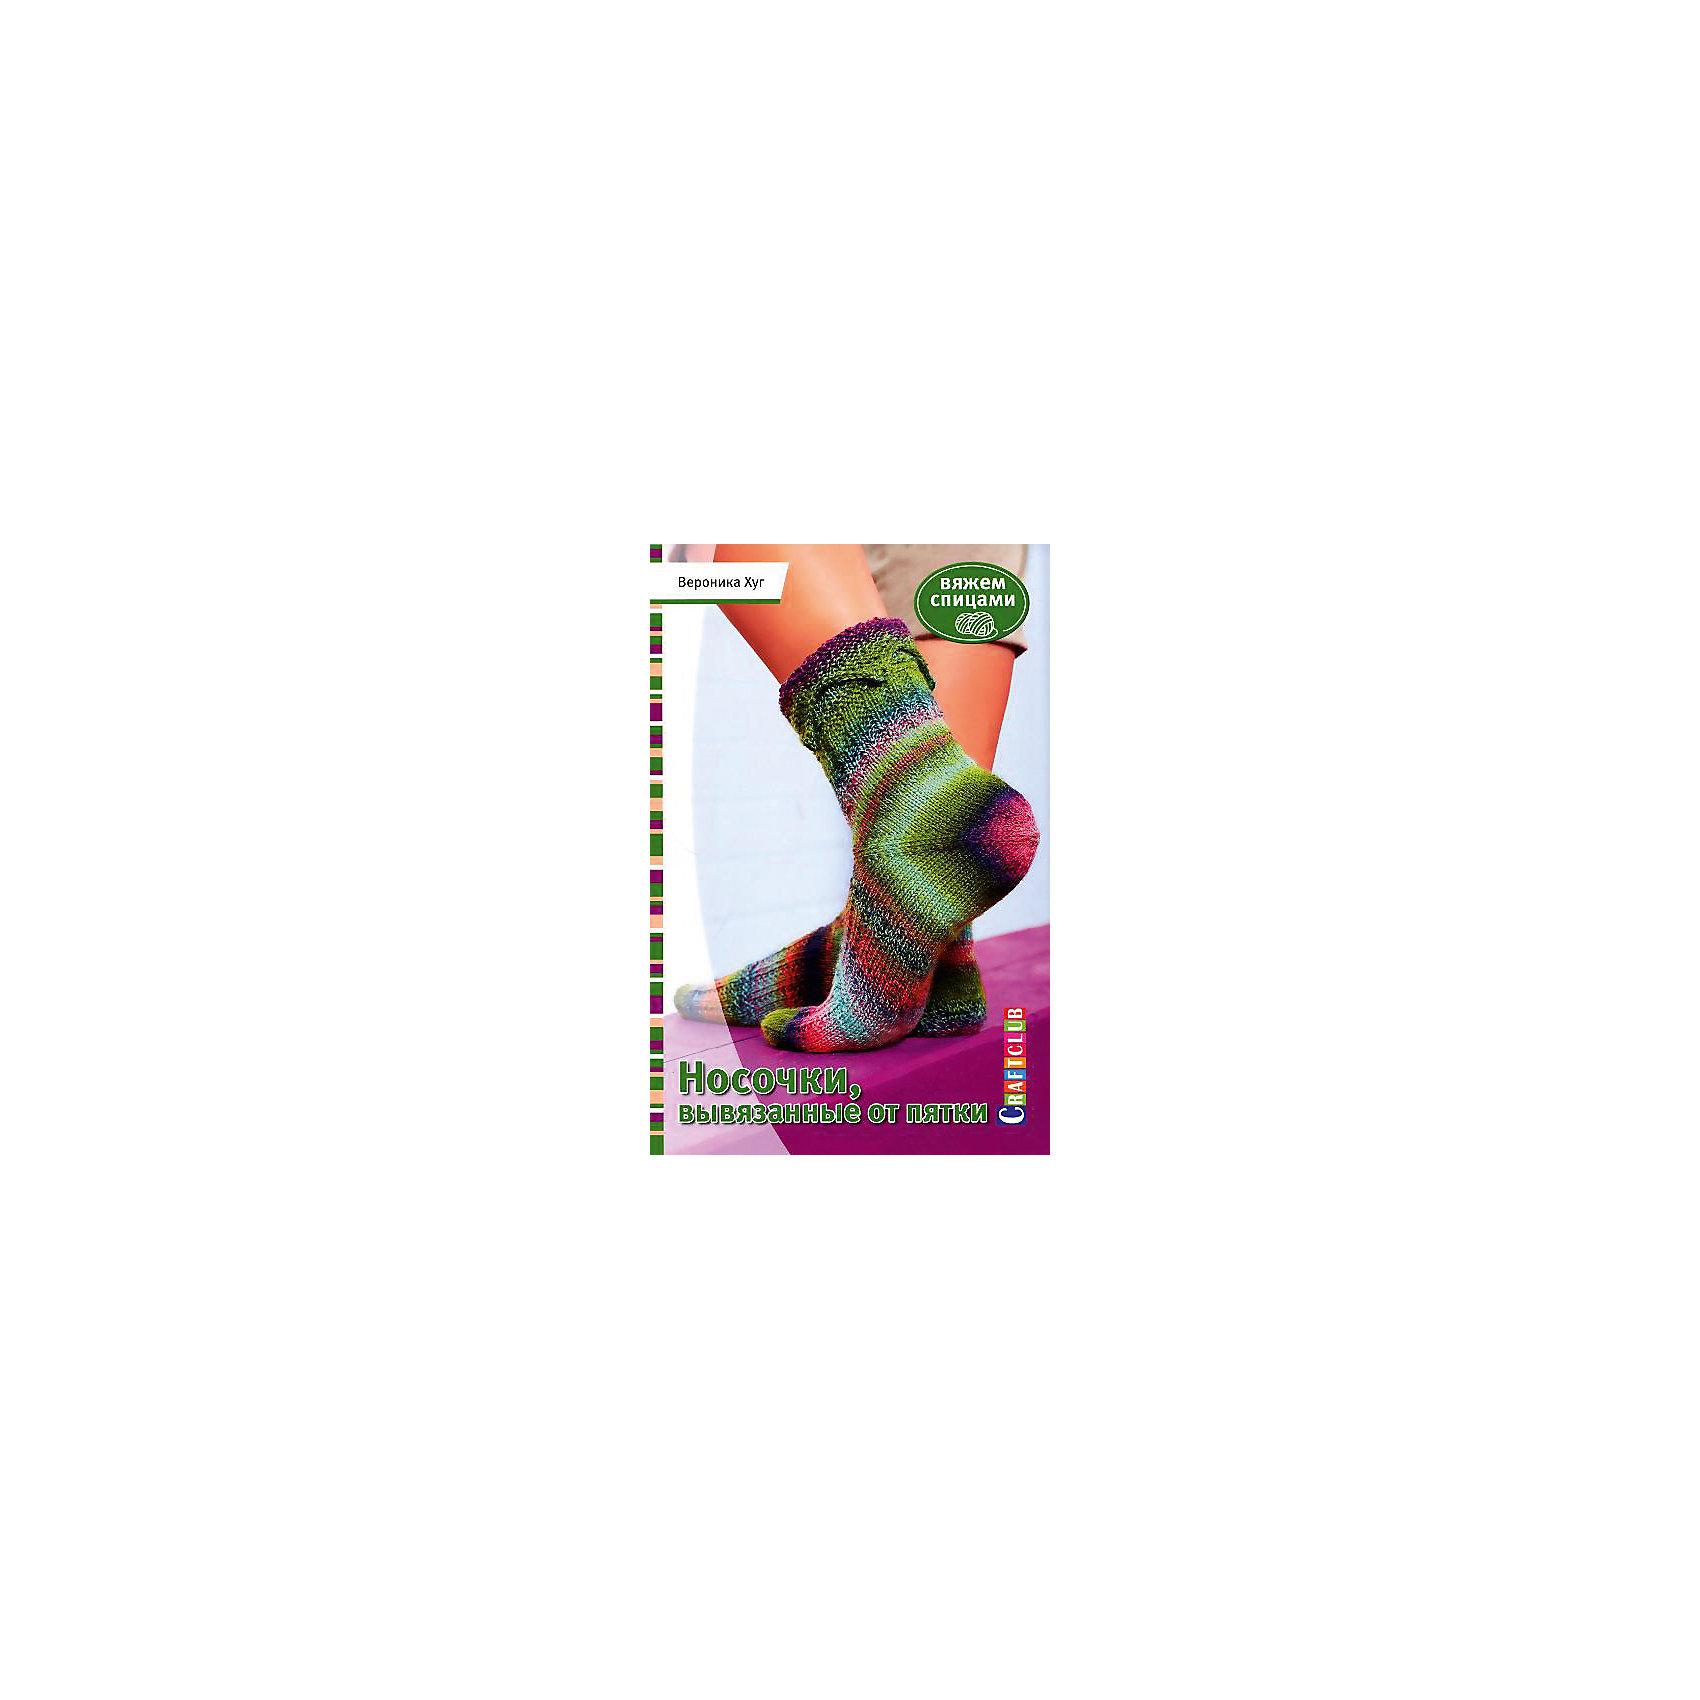 Носочки,вязанные от пяткиАх, какие чудесные, яркие носочки можно связать с помощью новой, умопомрачительно простой техники, представленной в этой книге! После первых 8 петель носок рождается будто сам собой: вязание идет по кругу, и всё, о чем вам нужно заботиться, - это рисунок! Разноцветные или однотонные, длинные или короткие, гольфы или гетры, с украшениями или без - вы сможете связать носочки на любой вкус и цвет для всей семьи и подарить тепло и уют своим близким. Подробный учебный курс позволит вам овладеть новой техникой максимально быстро. Вас ждет масса удовольствия от любимого рукоделия!<br><br>Ширина мм: 145<br>Глубина мм: 3<br>Высота мм: 215<br>Вес г: 70<br>Возраст от месяцев: 192<br>Возраст до месяцев: 540<br>Пол: Унисекс<br>Возраст: Детский<br>SKU: 5162755